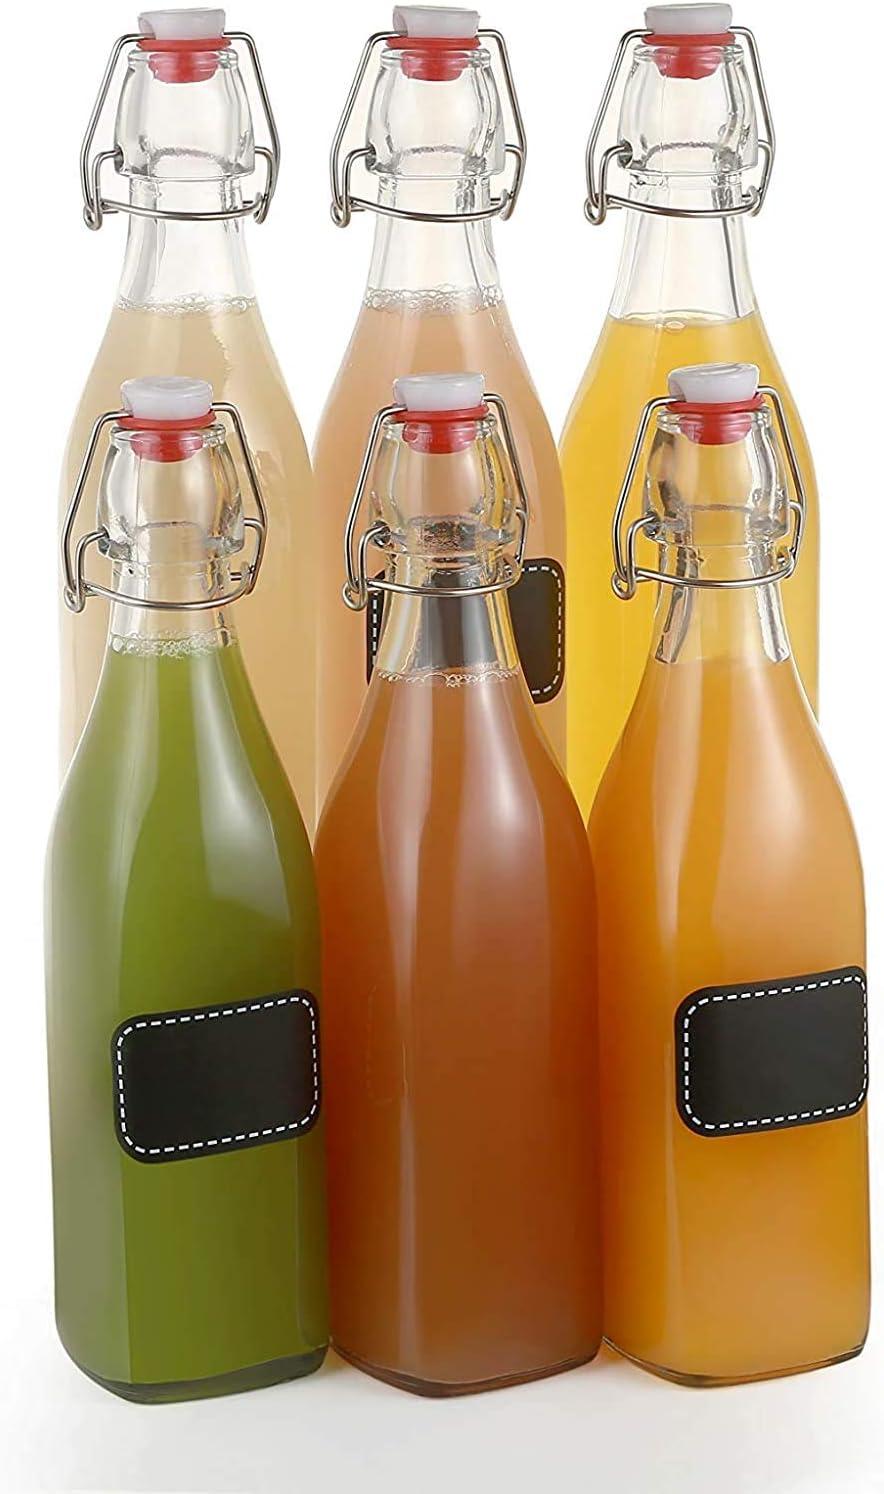 6 botellas de vidrio con tapón de columpio de 500ml cuadrados - 6 etiquetas con alfiler y 6 sellos adicionales